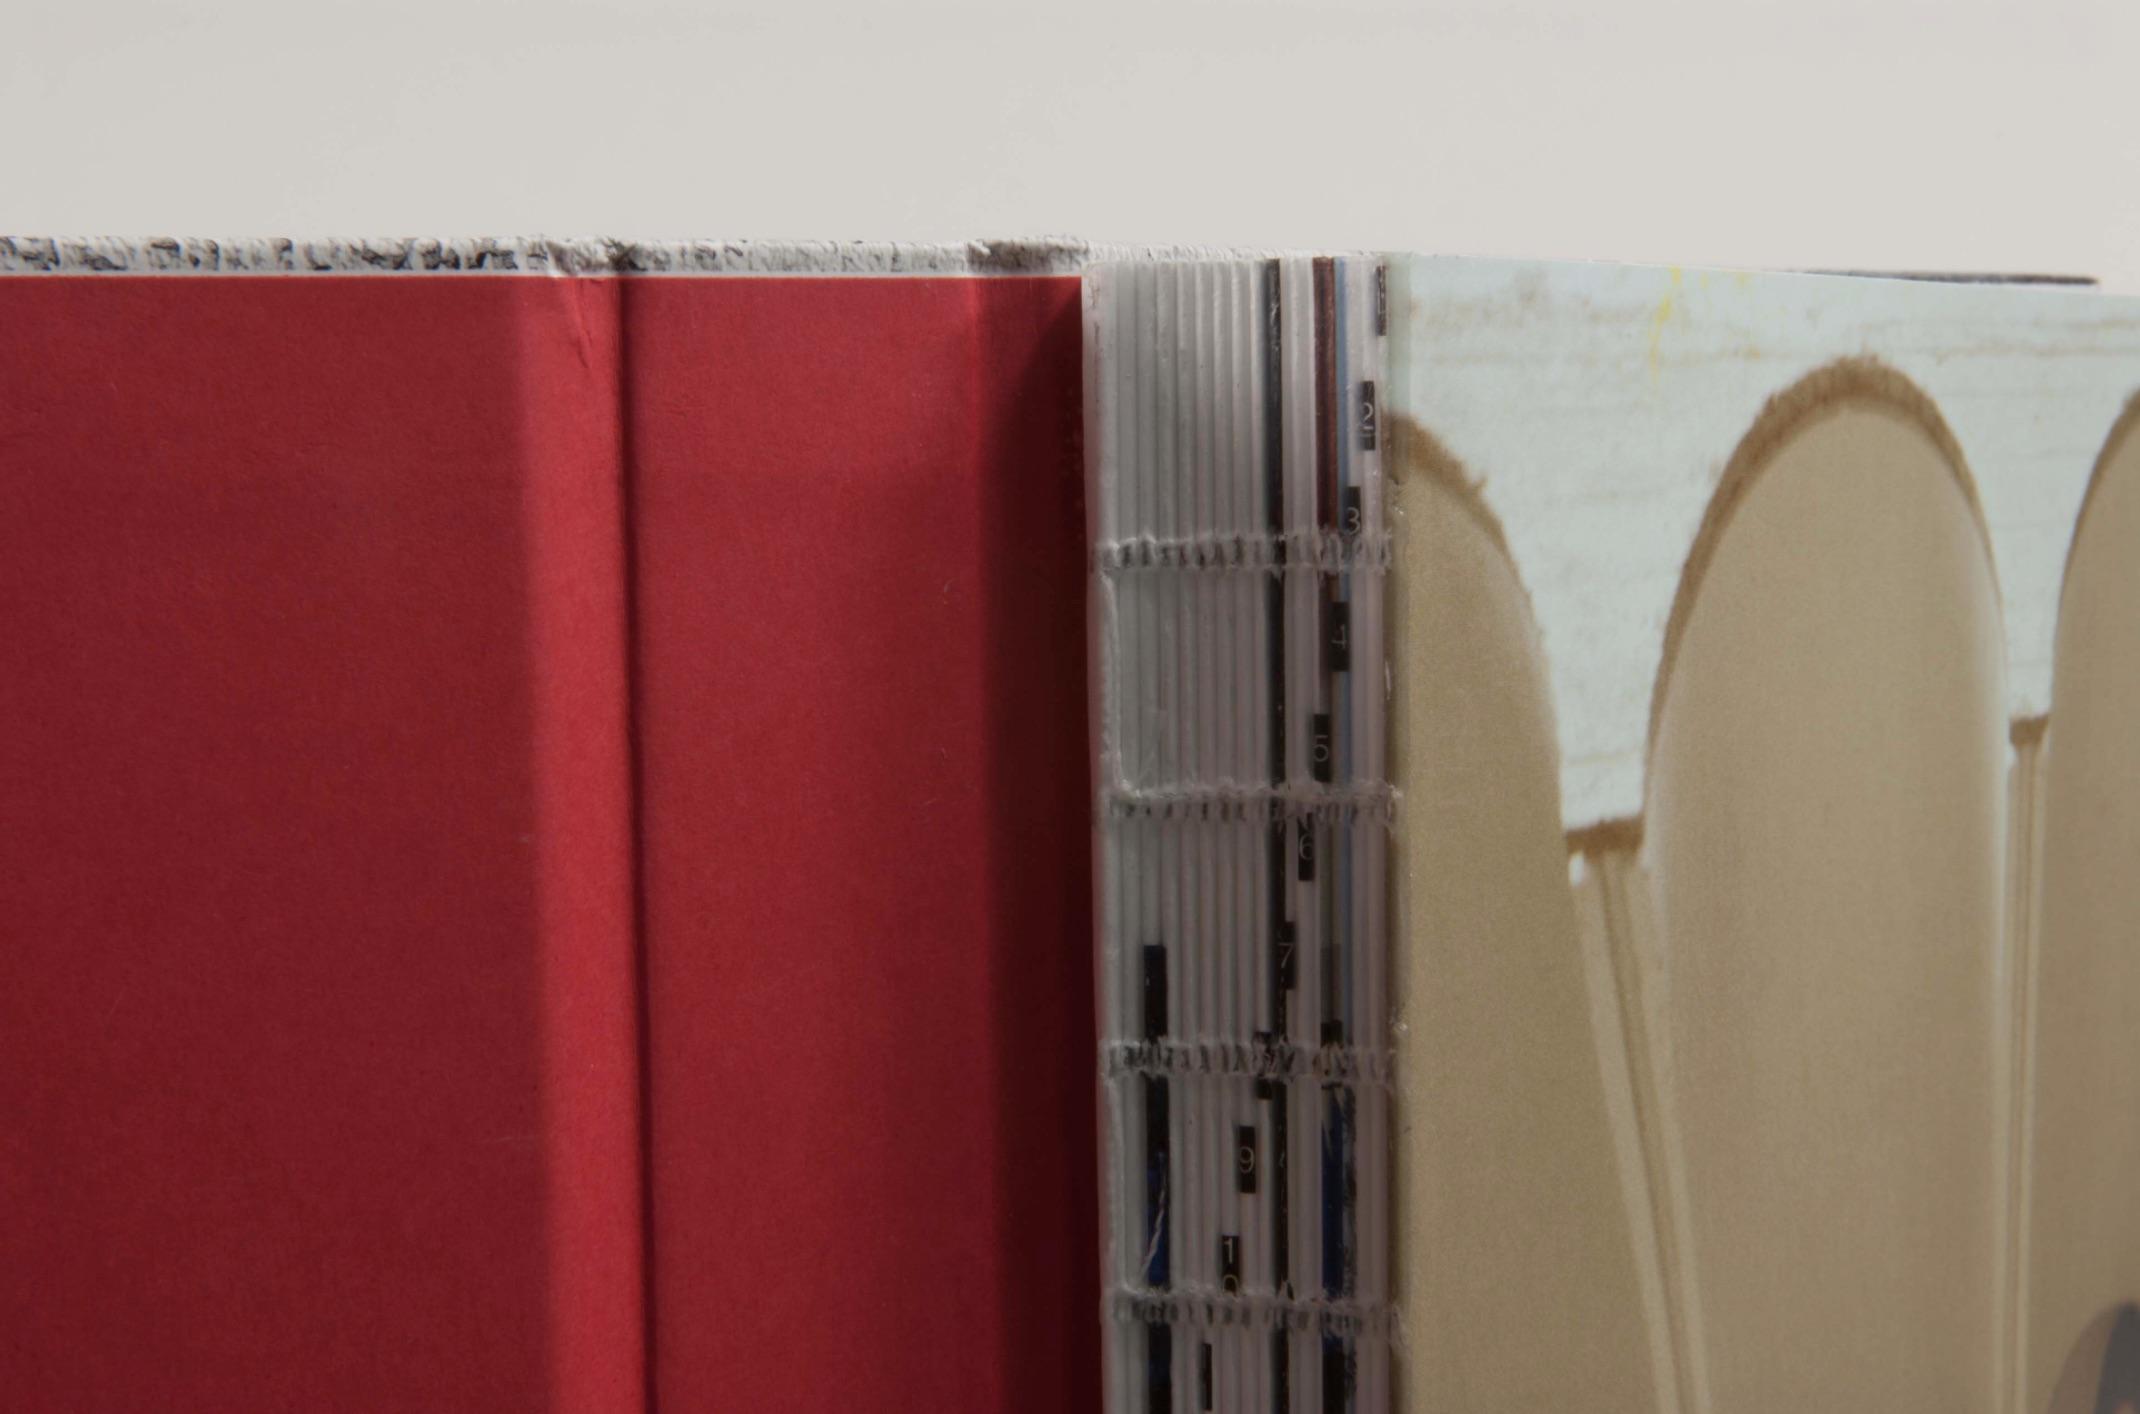 encuadernacion de libro de arte